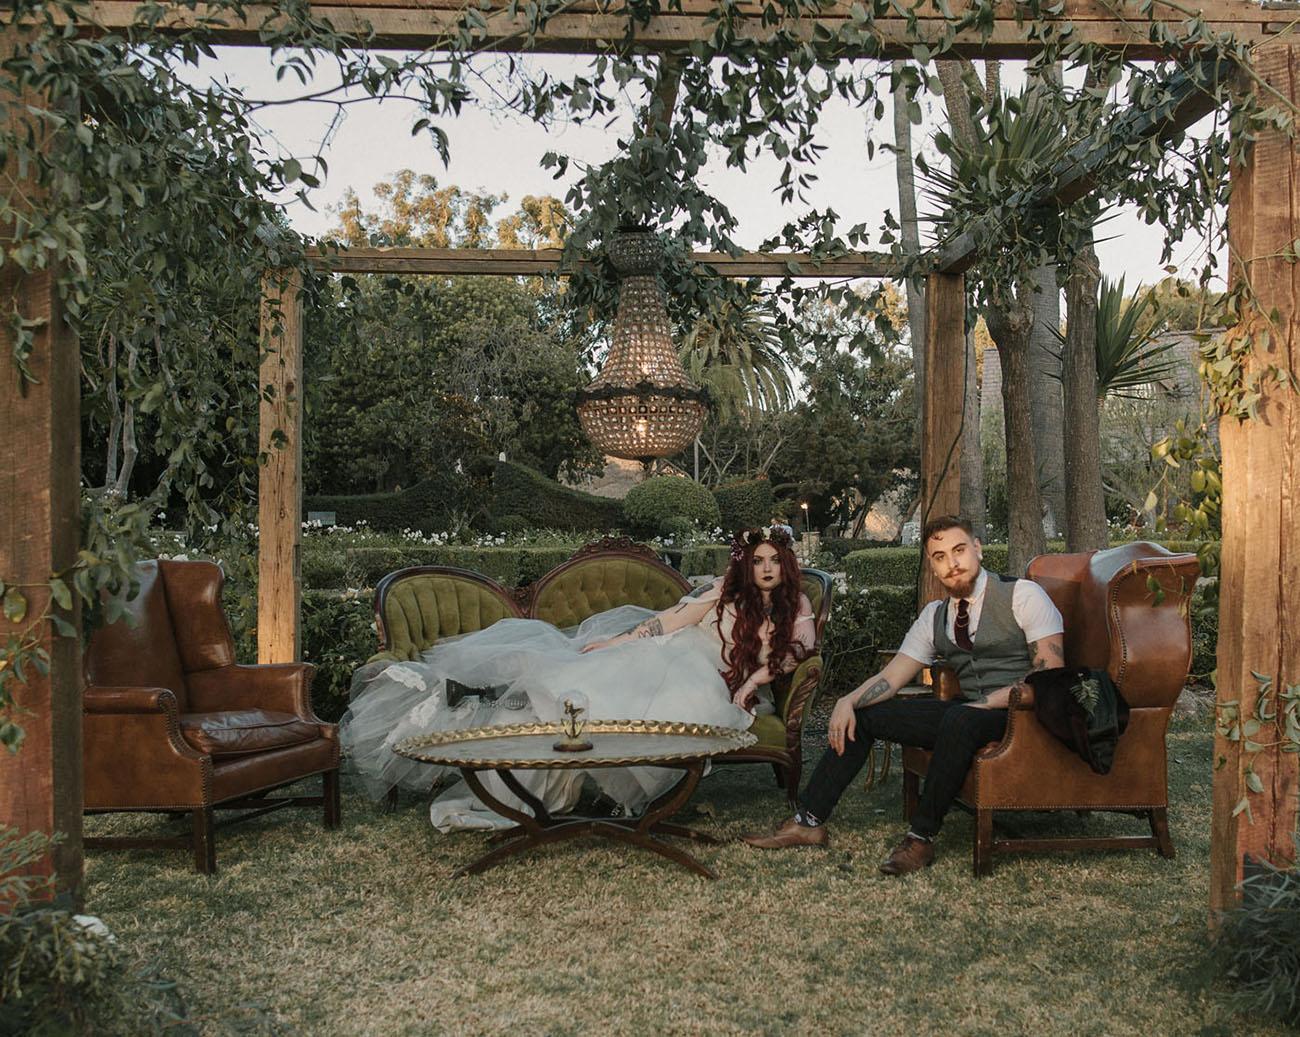 Secret Garden: Ethereal Secret Garden Wedding With Vintage Curiosities